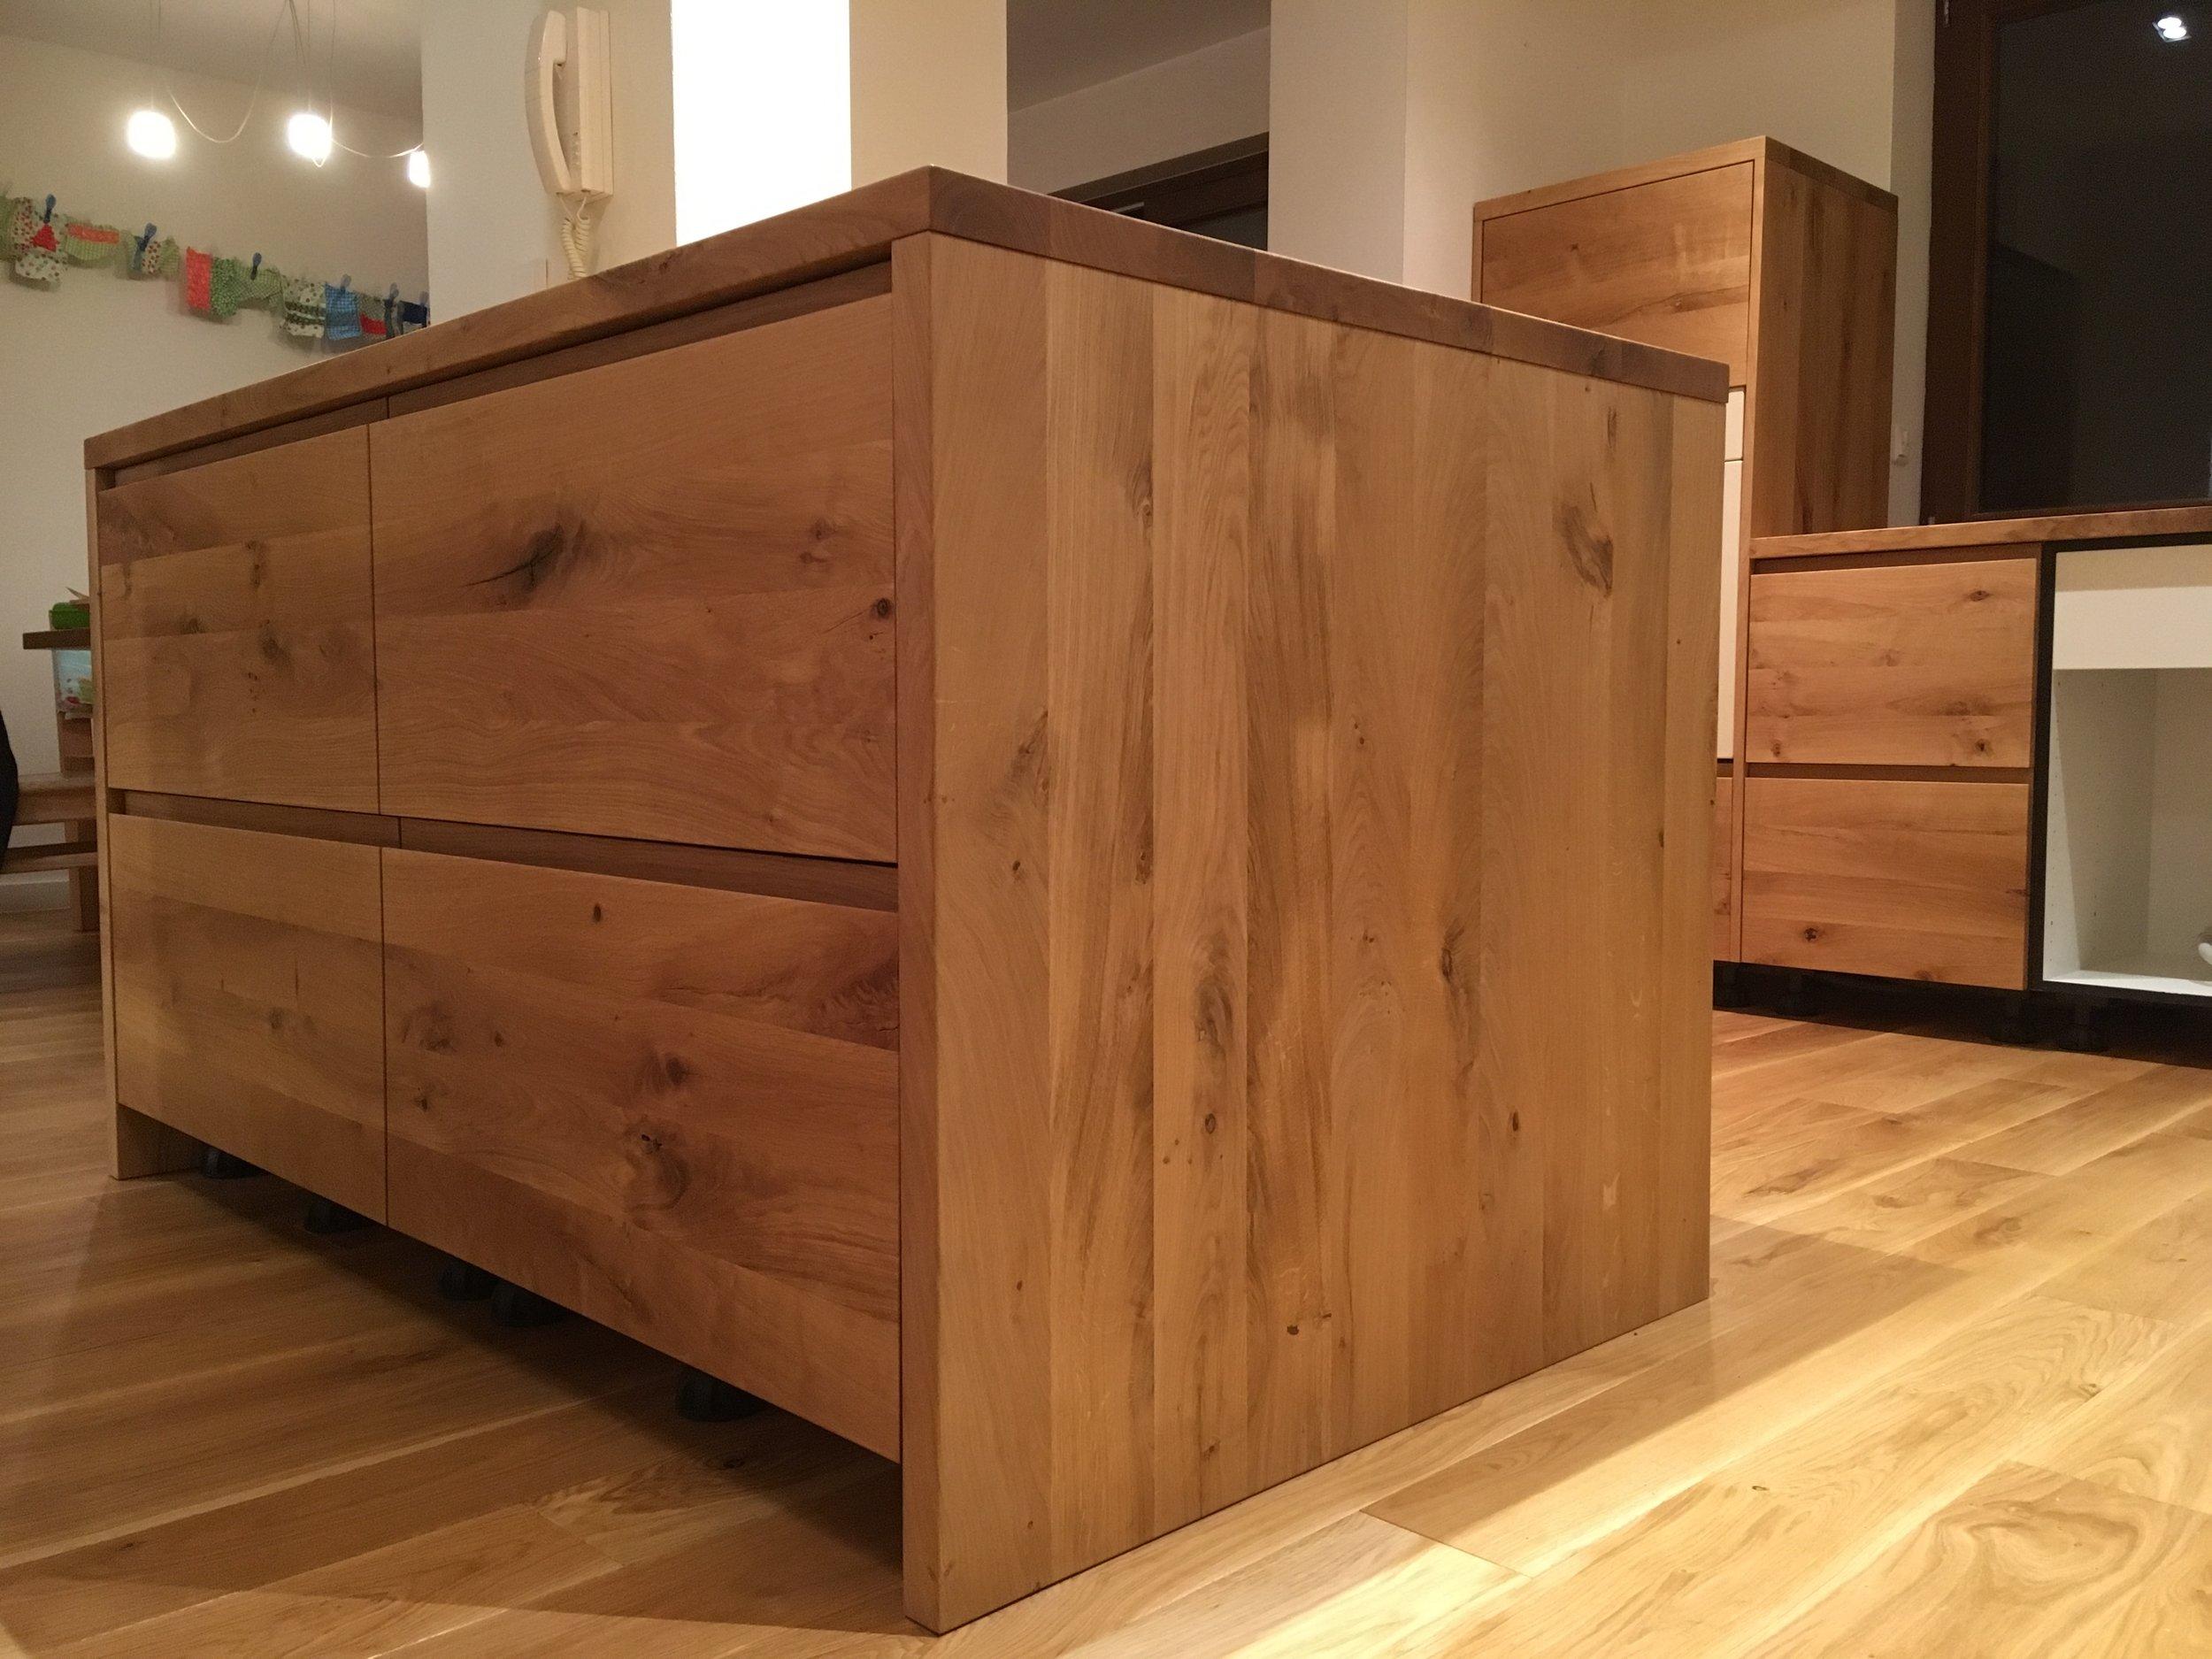 Küchenblock aus Asteiche.